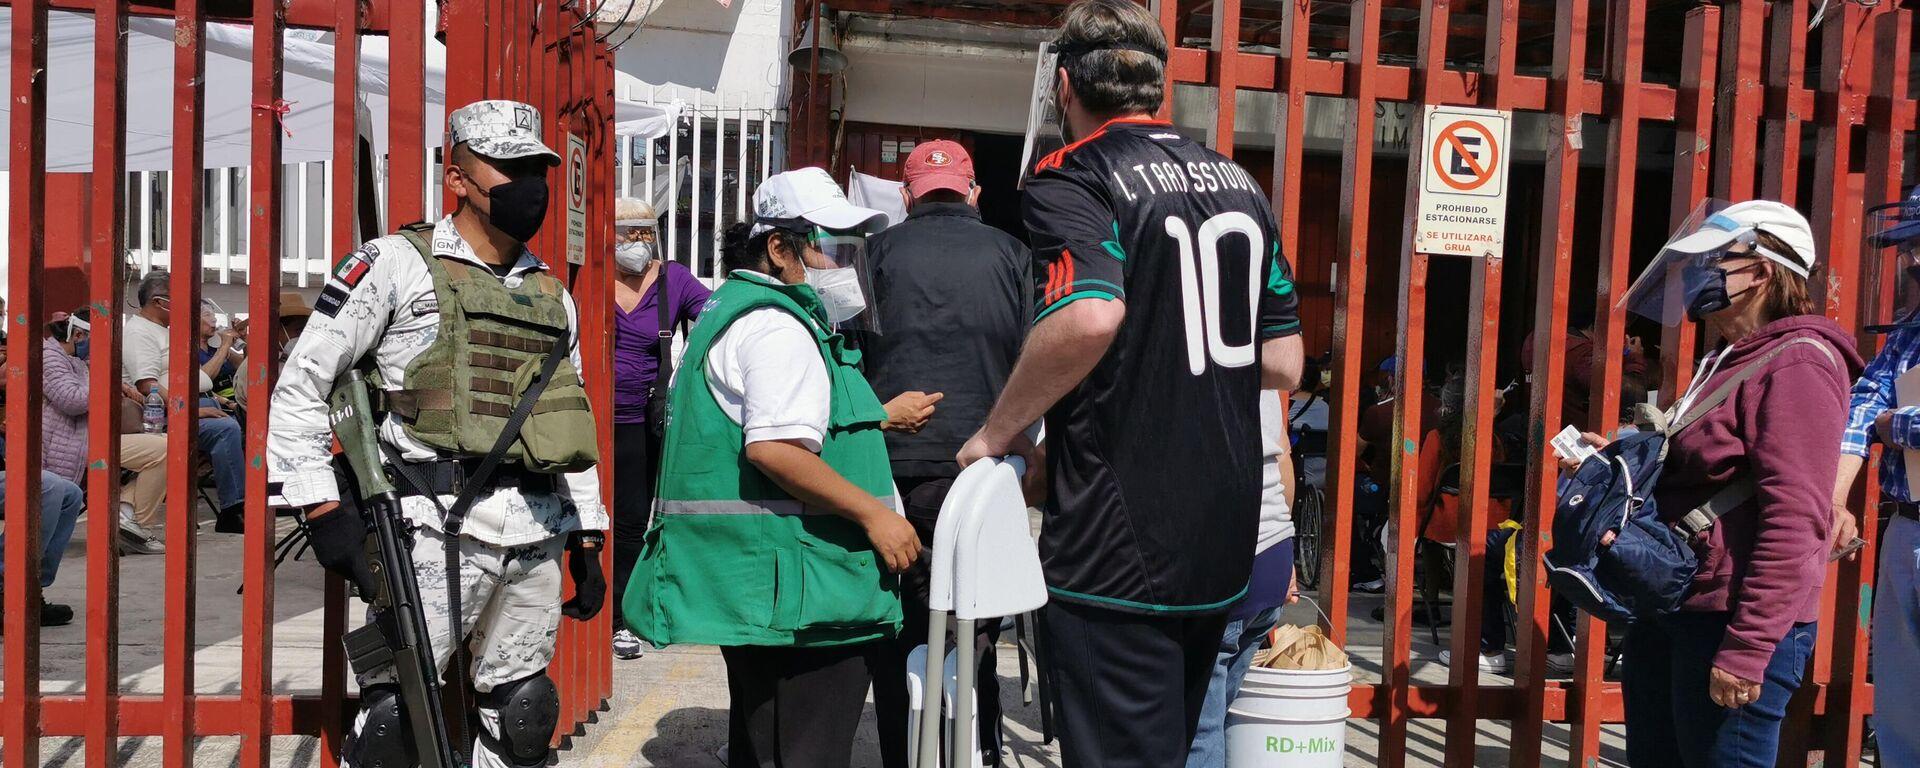 El primer día de vacunación masiva en México, el 15 de febrero de 2021 - Sputnik Mundo, 1920, 16.02.2021